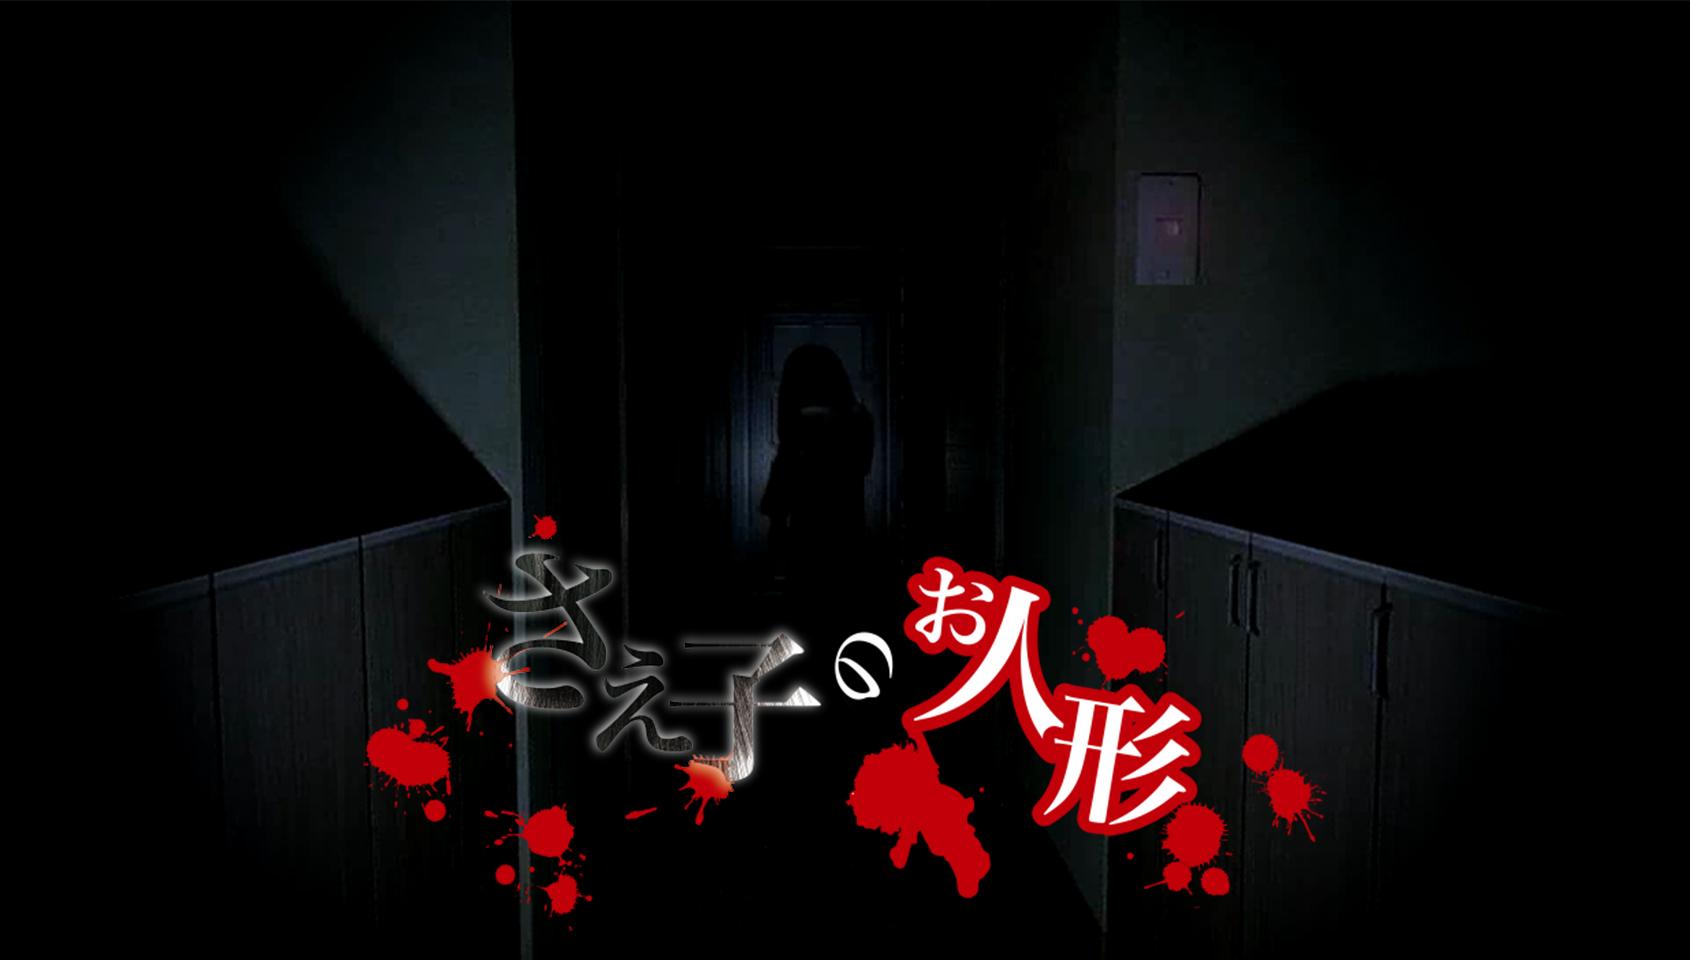 saeko-title.jpg (294.5 kB)